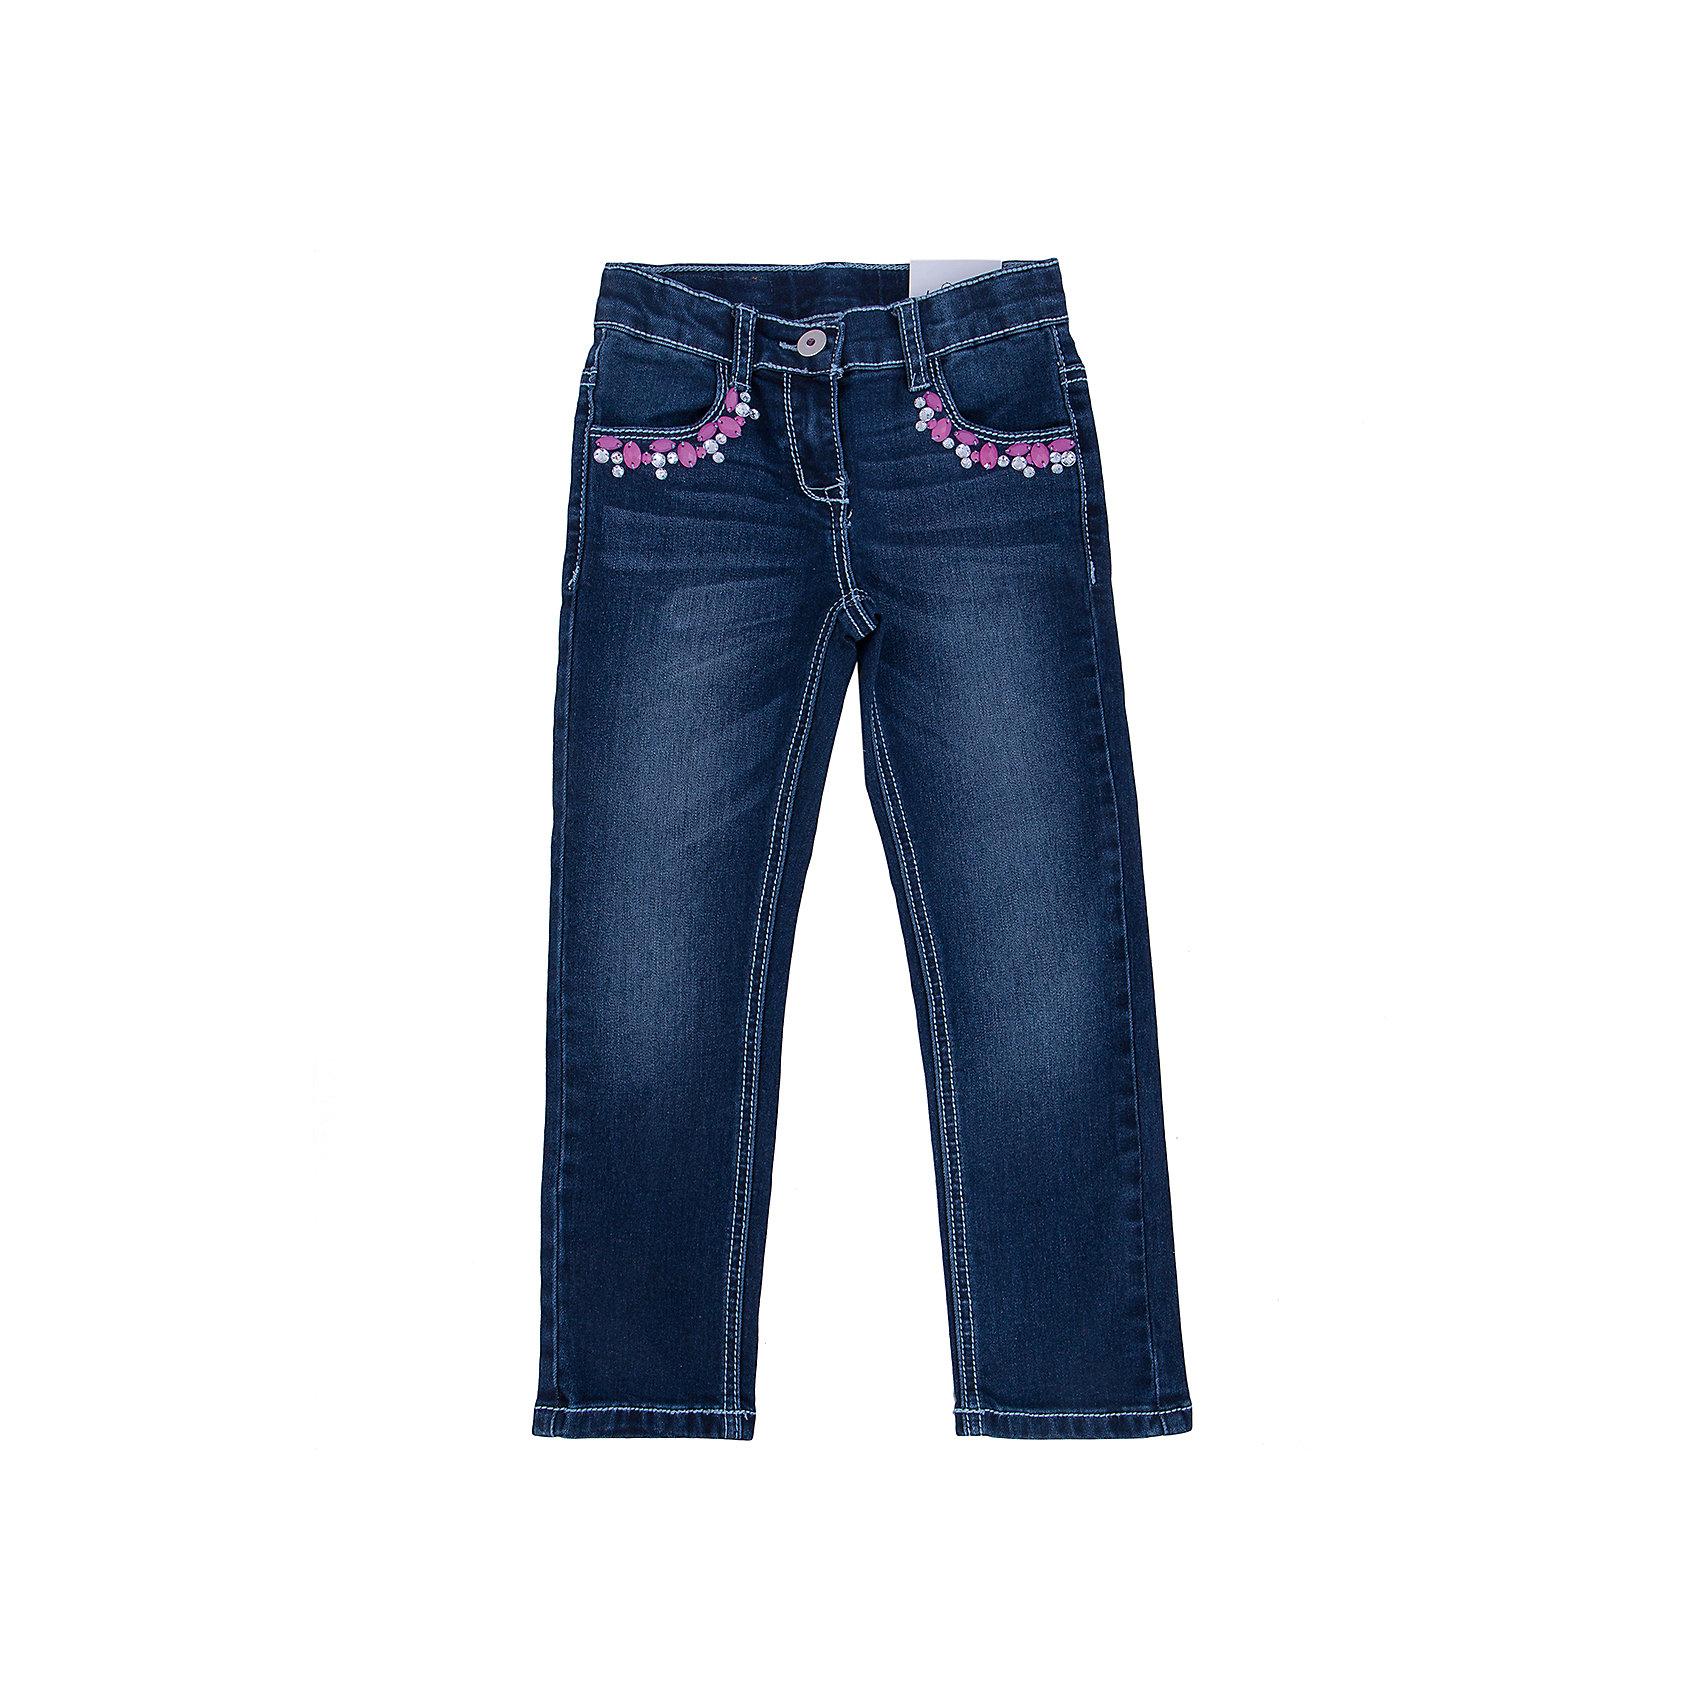 Джинсы для девочки PlayTodayДжинсы для девочки от известного бренда PlayToday.<br>Стильные джинсы прямого кроя. Застегиваются на молнию и пуговицу. Украшены крупными сверкающими стразами. Есть 4 функциональных кармана.<br>Состав:<br>75% хлопок, 23% полиэстер, 2% эластан<br><br>Ширина мм: 215<br>Глубина мм: 88<br>Высота мм: 191<br>Вес г: 336<br>Цвет: синий<br>Возраст от месяцев: 36<br>Возраст до месяцев: 48<br>Пол: Женский<br>Возраст: Детский<br>Размер: 104,122,98,116,110,128<br>SKU: 4896971